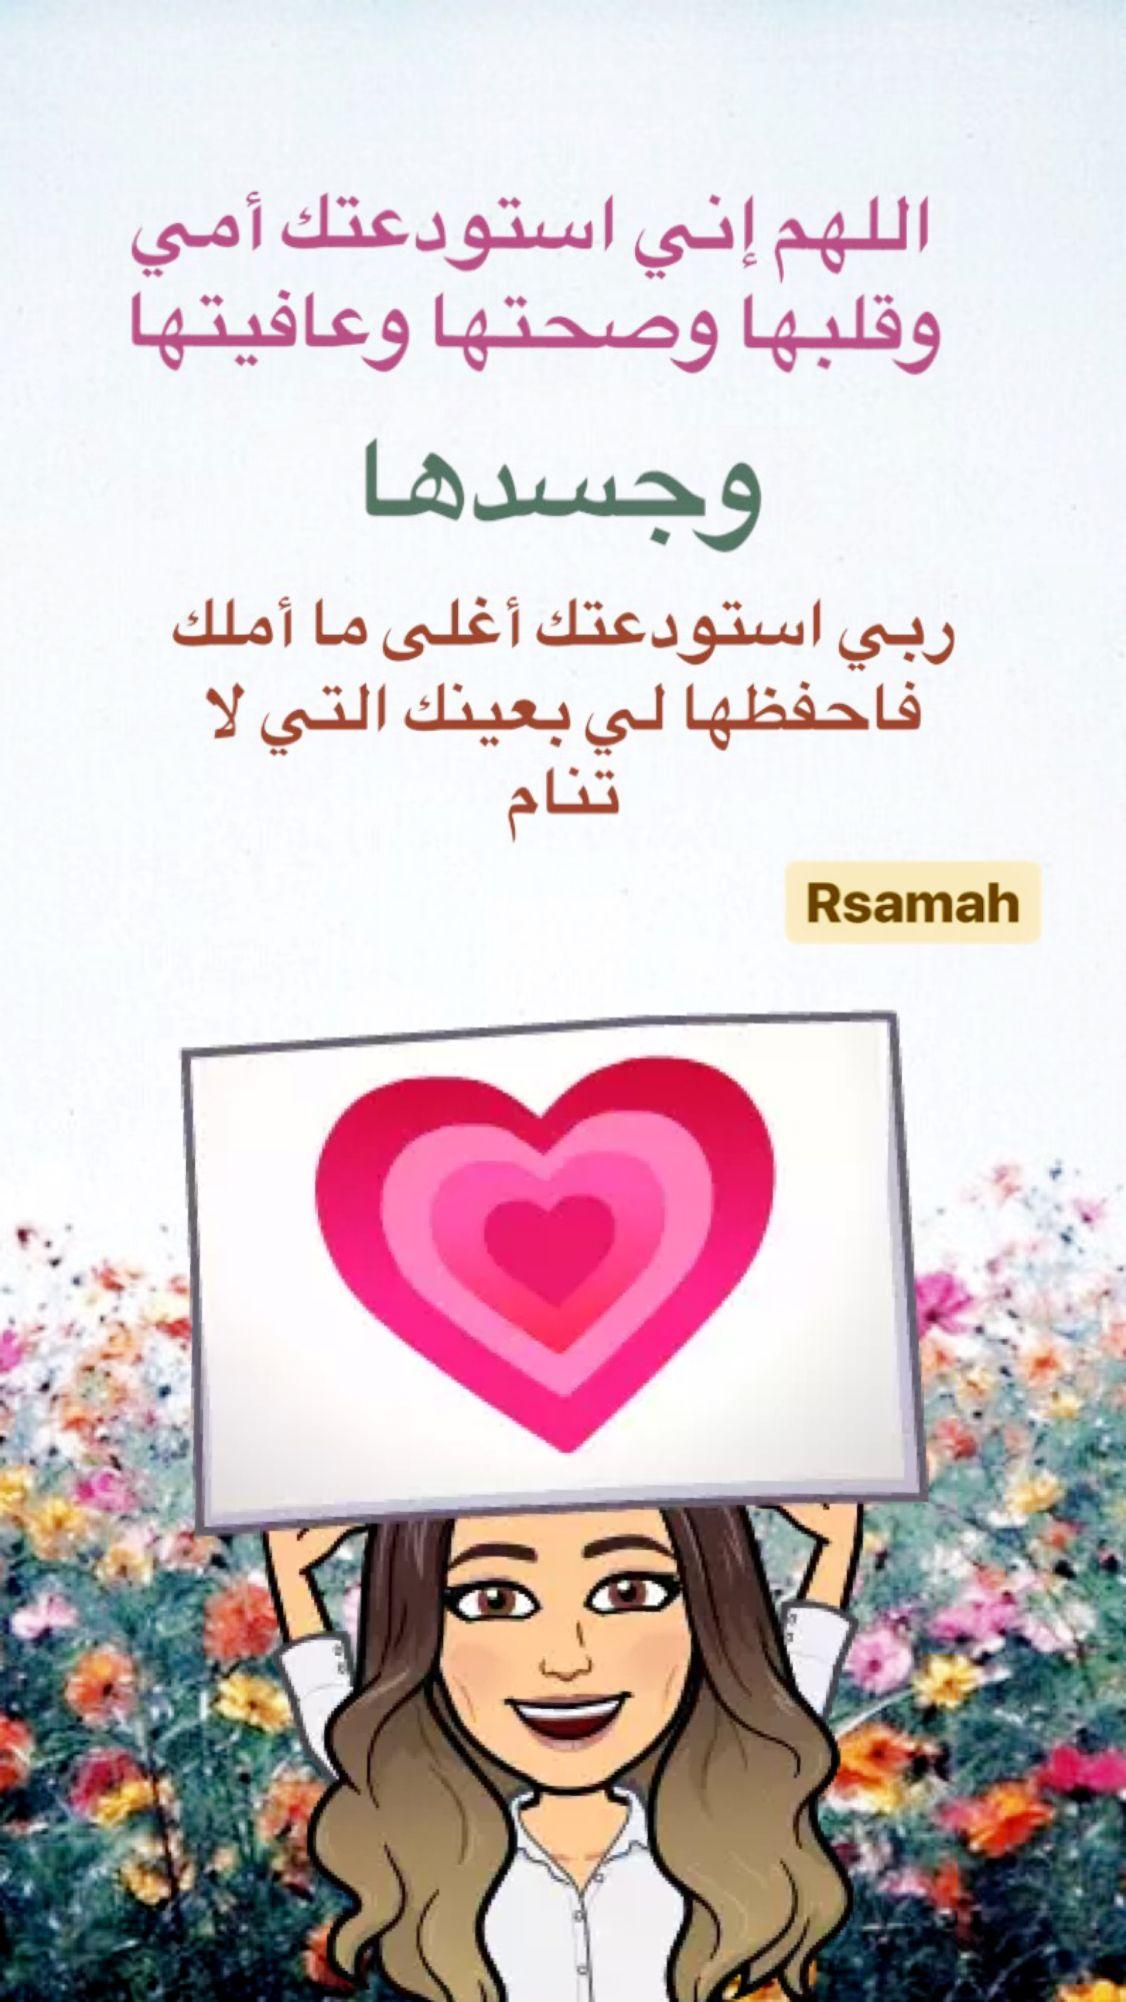 Pin By Rsamah On My Snap Cards Drawings Enamel Pins